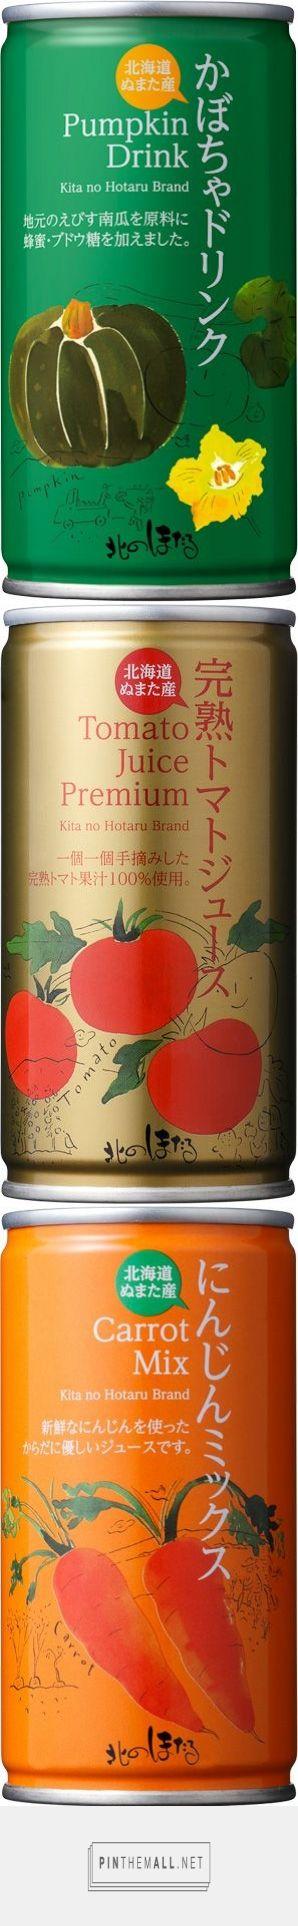 にんじんミックス(190g) - Kita no Hotaru. I just found the carrot too PD. Very popular packaging on my Asian group board.